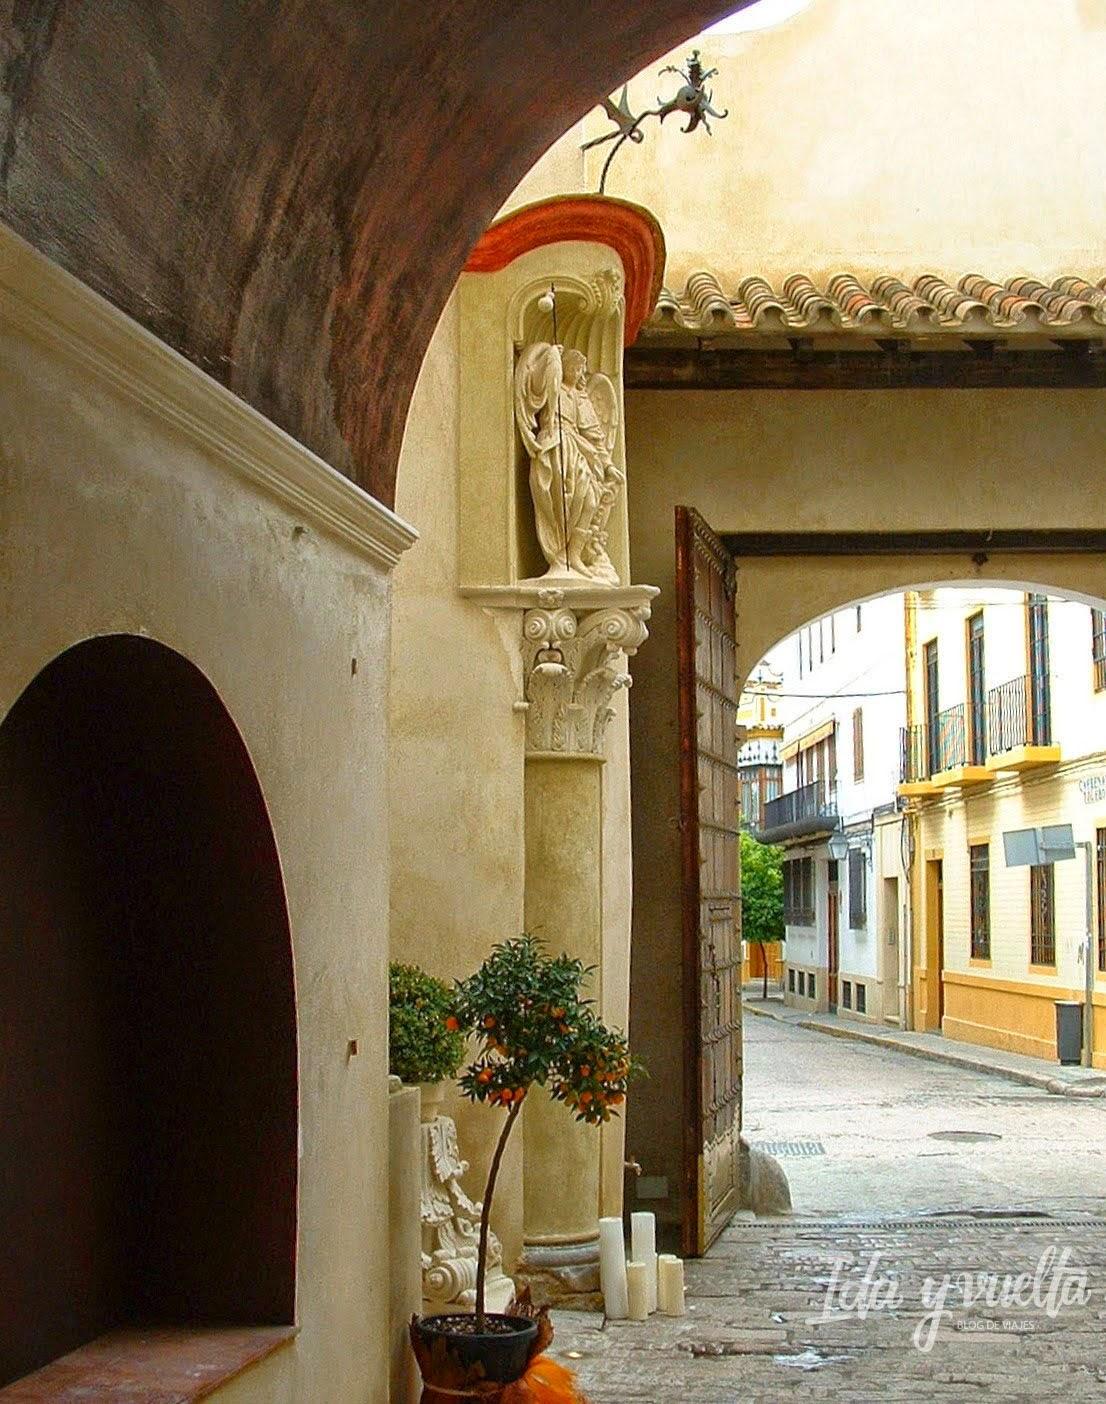 Detalle de la entrada del Hospes Palacio del Bailío